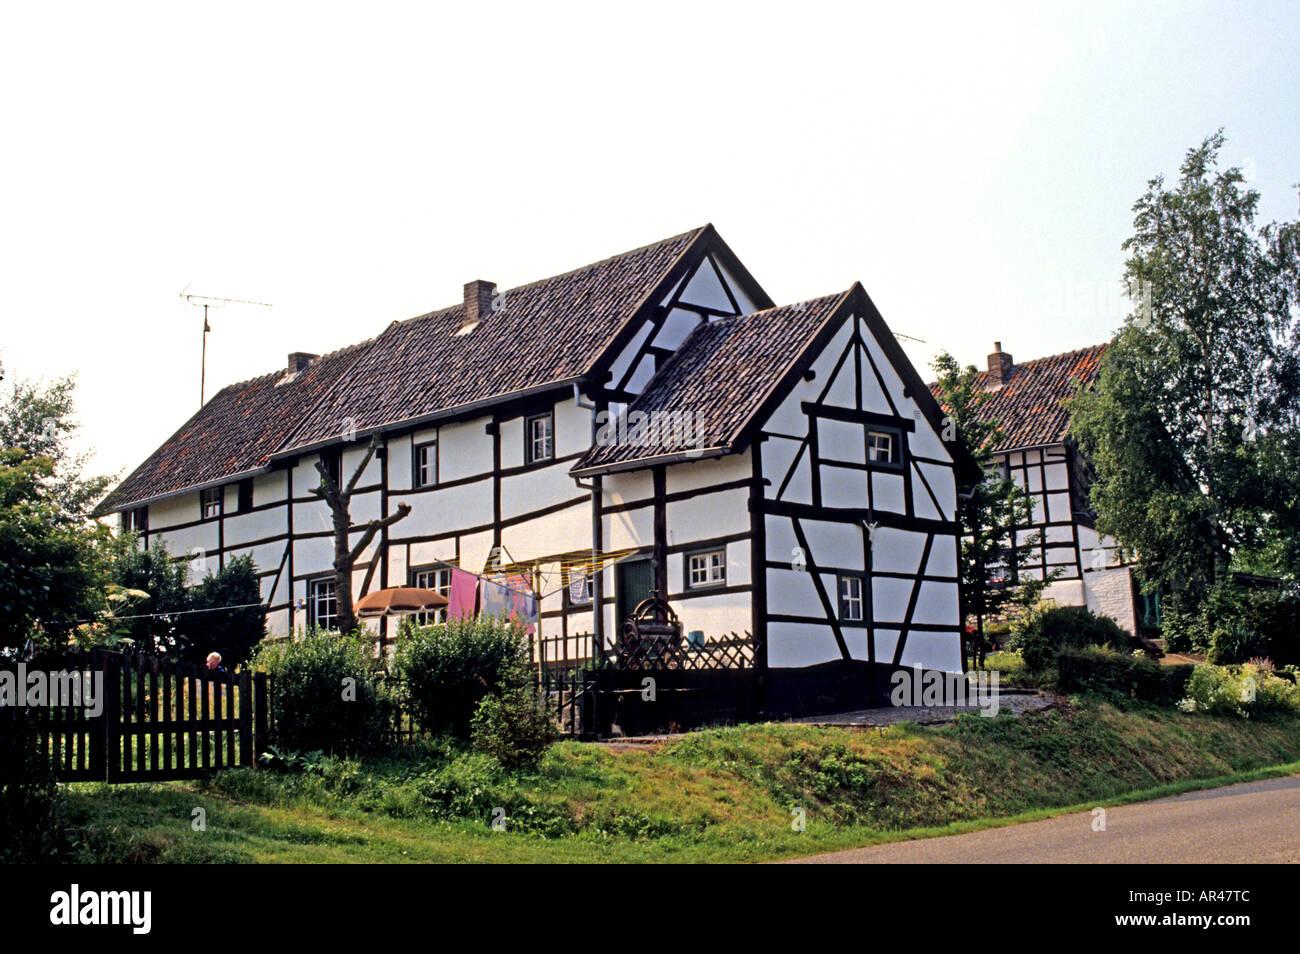 Limburg Niederlande halbe Fachwerkhaus Rahmen Bauernhof Stockfoto ...